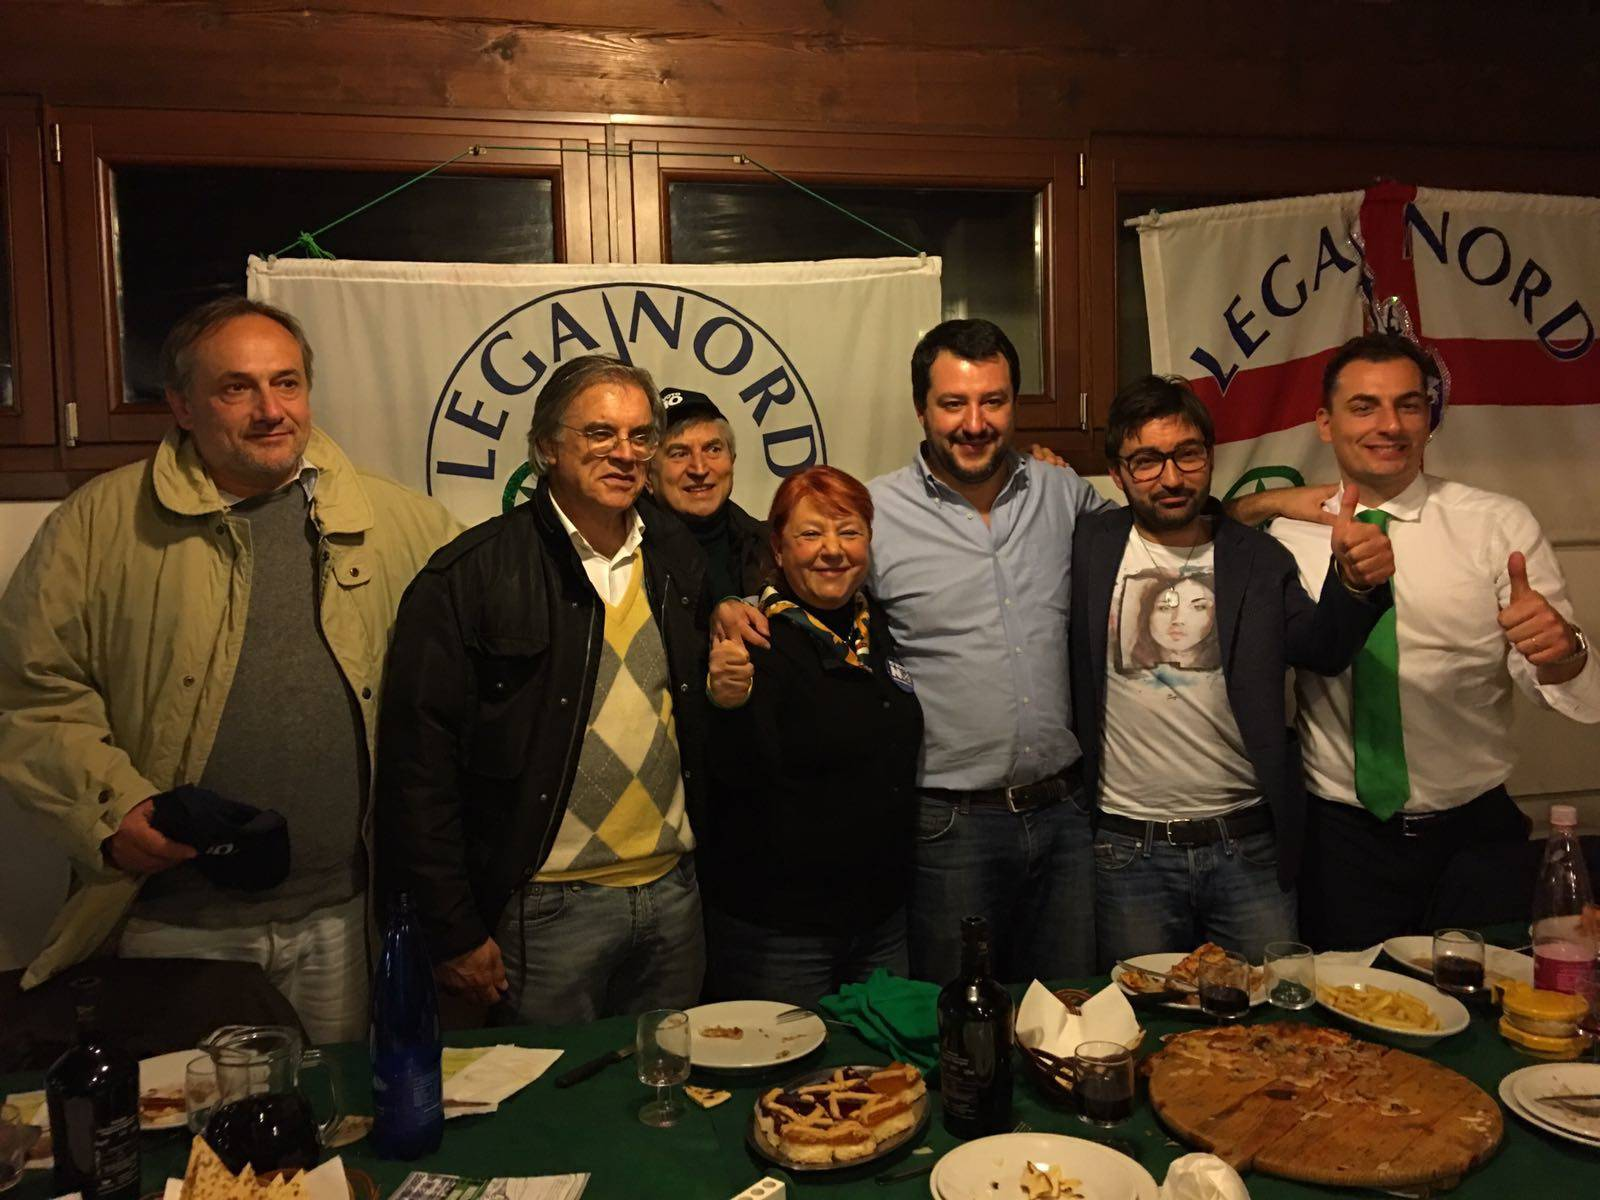 Niente fusione per Saludecio: anche Salvini con il no